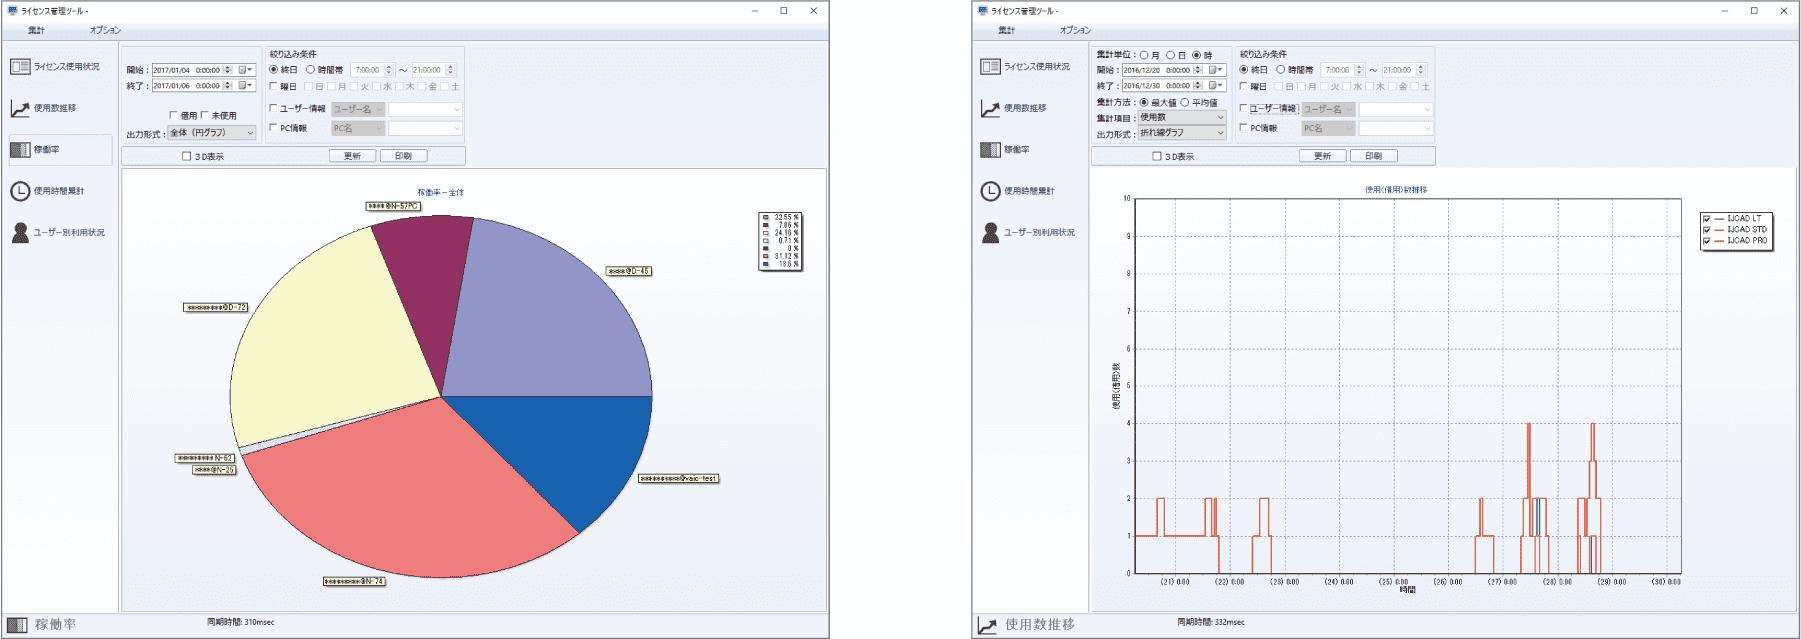 plusa%c2%83%c2%84a%c2%83%c2%bca%c2%83